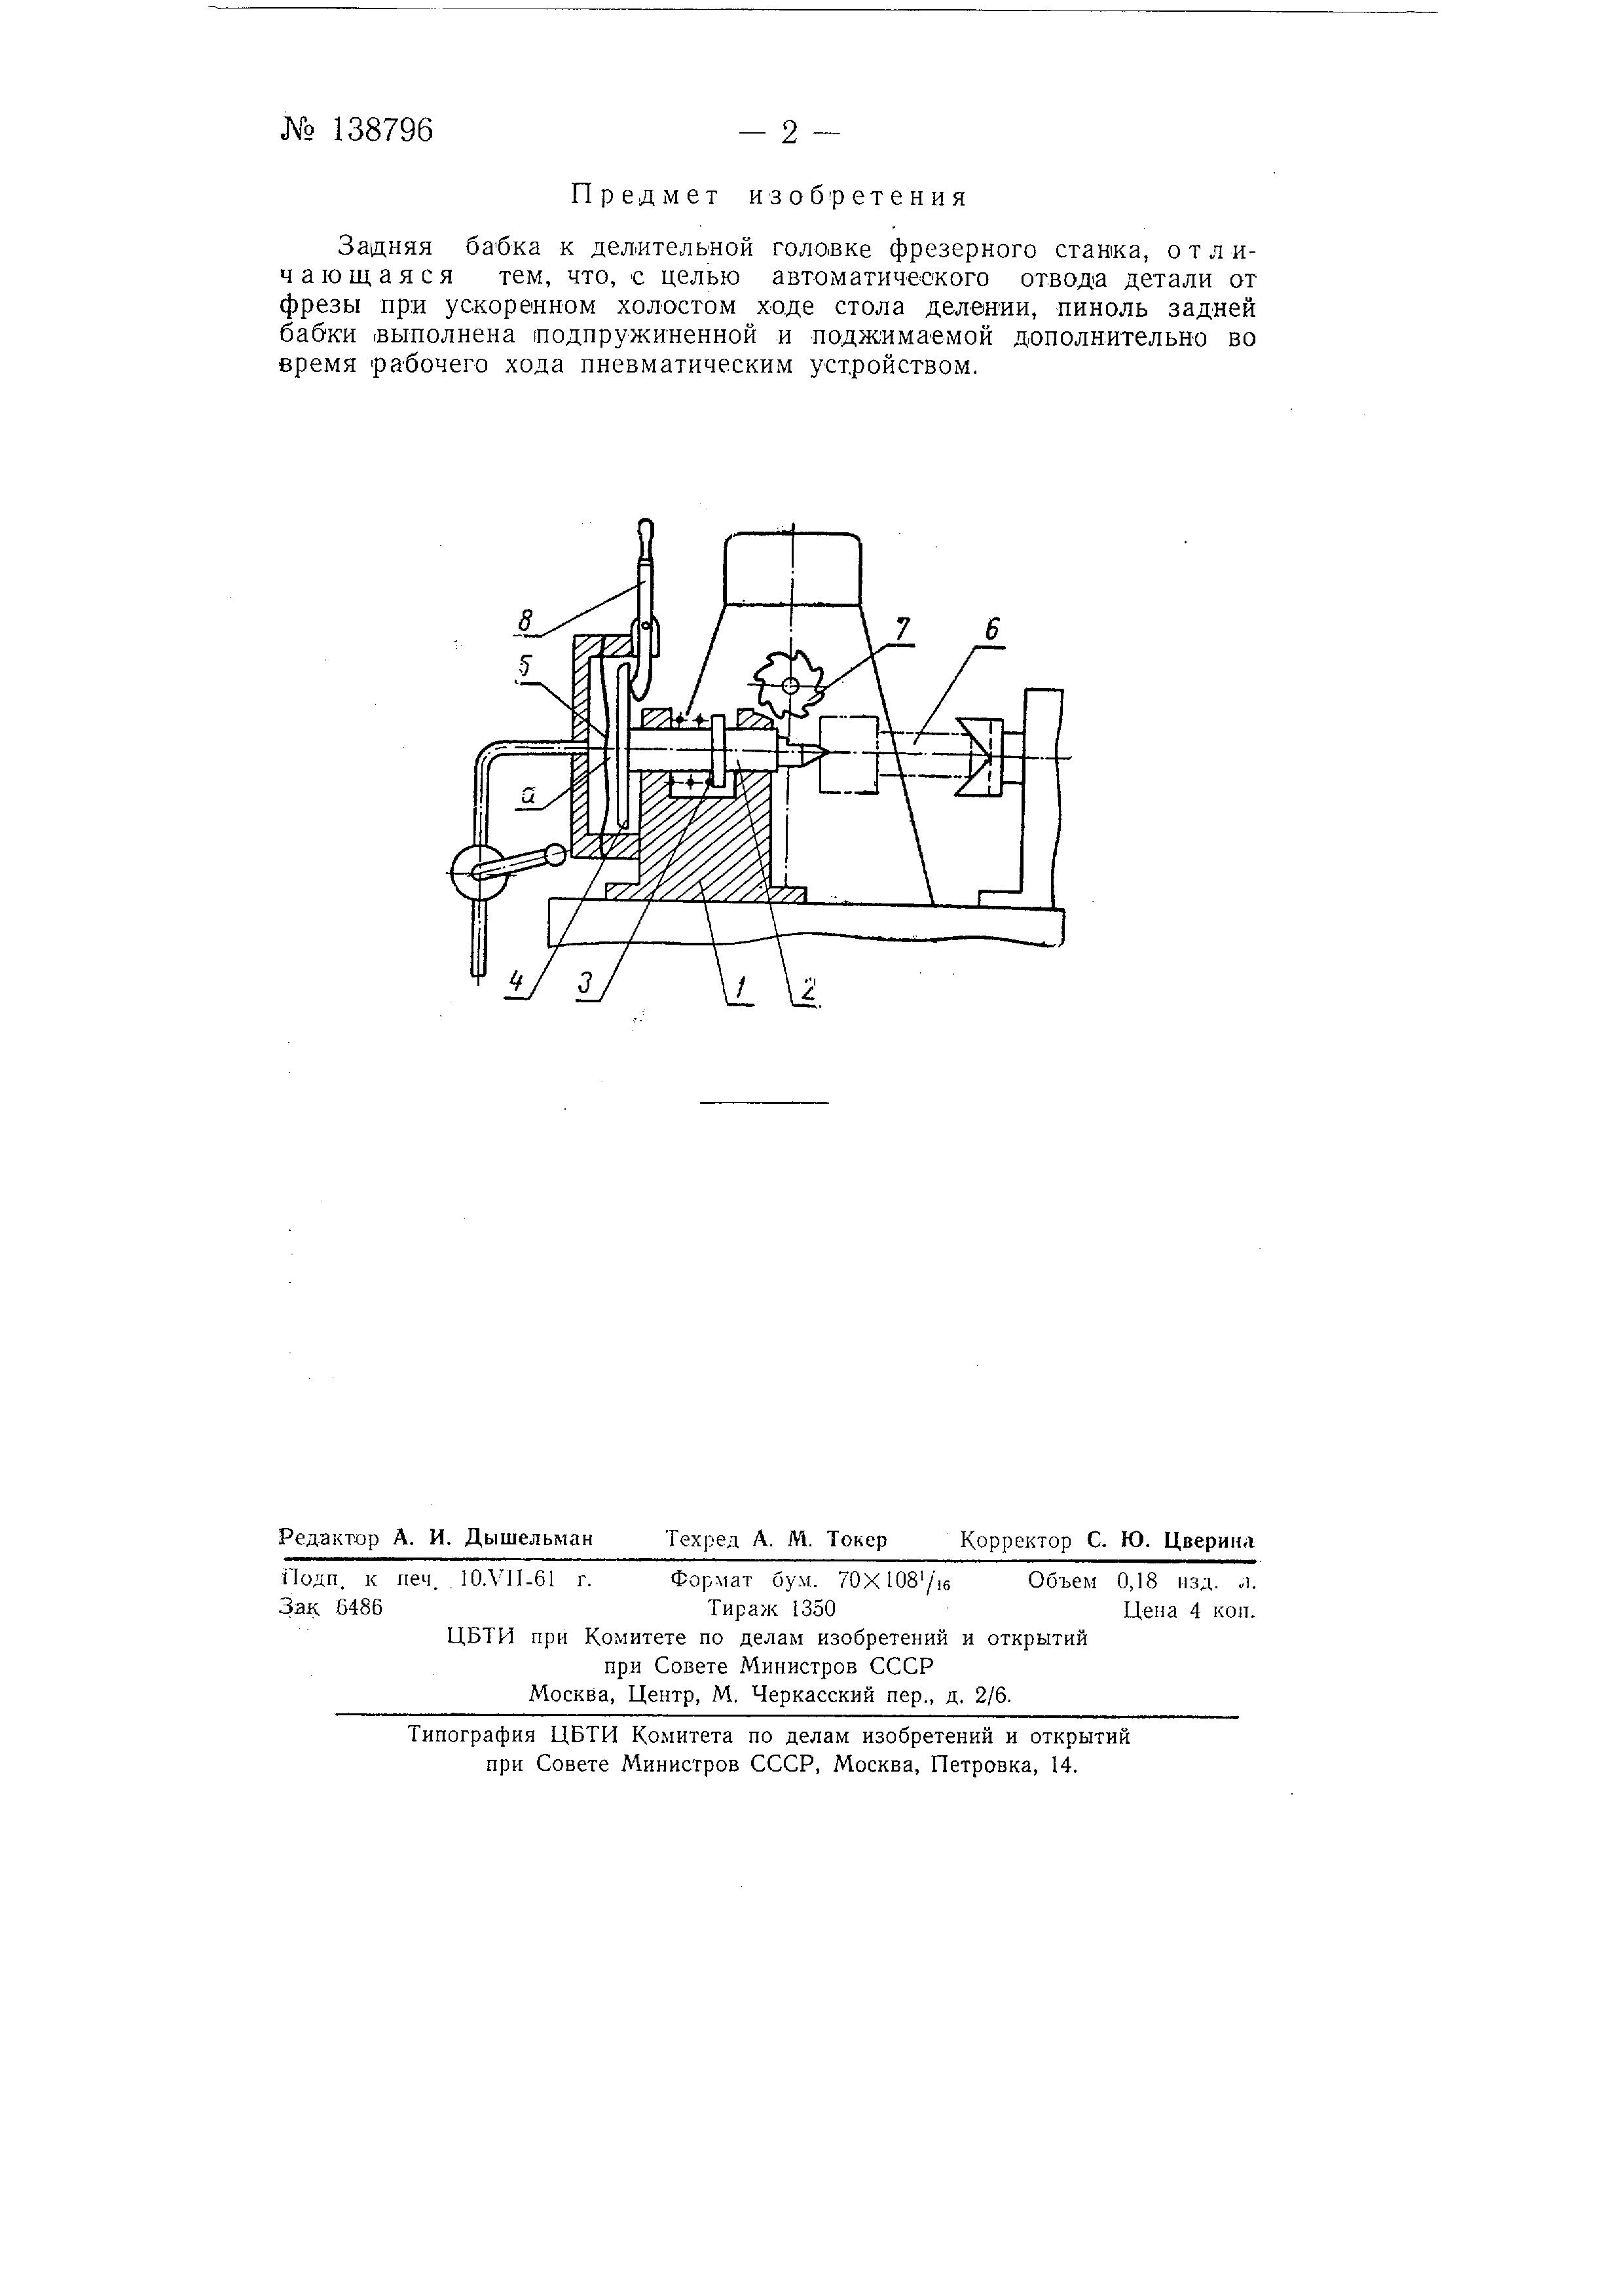 Оправки для фрезерных станков: виды оснасток, приспособлений